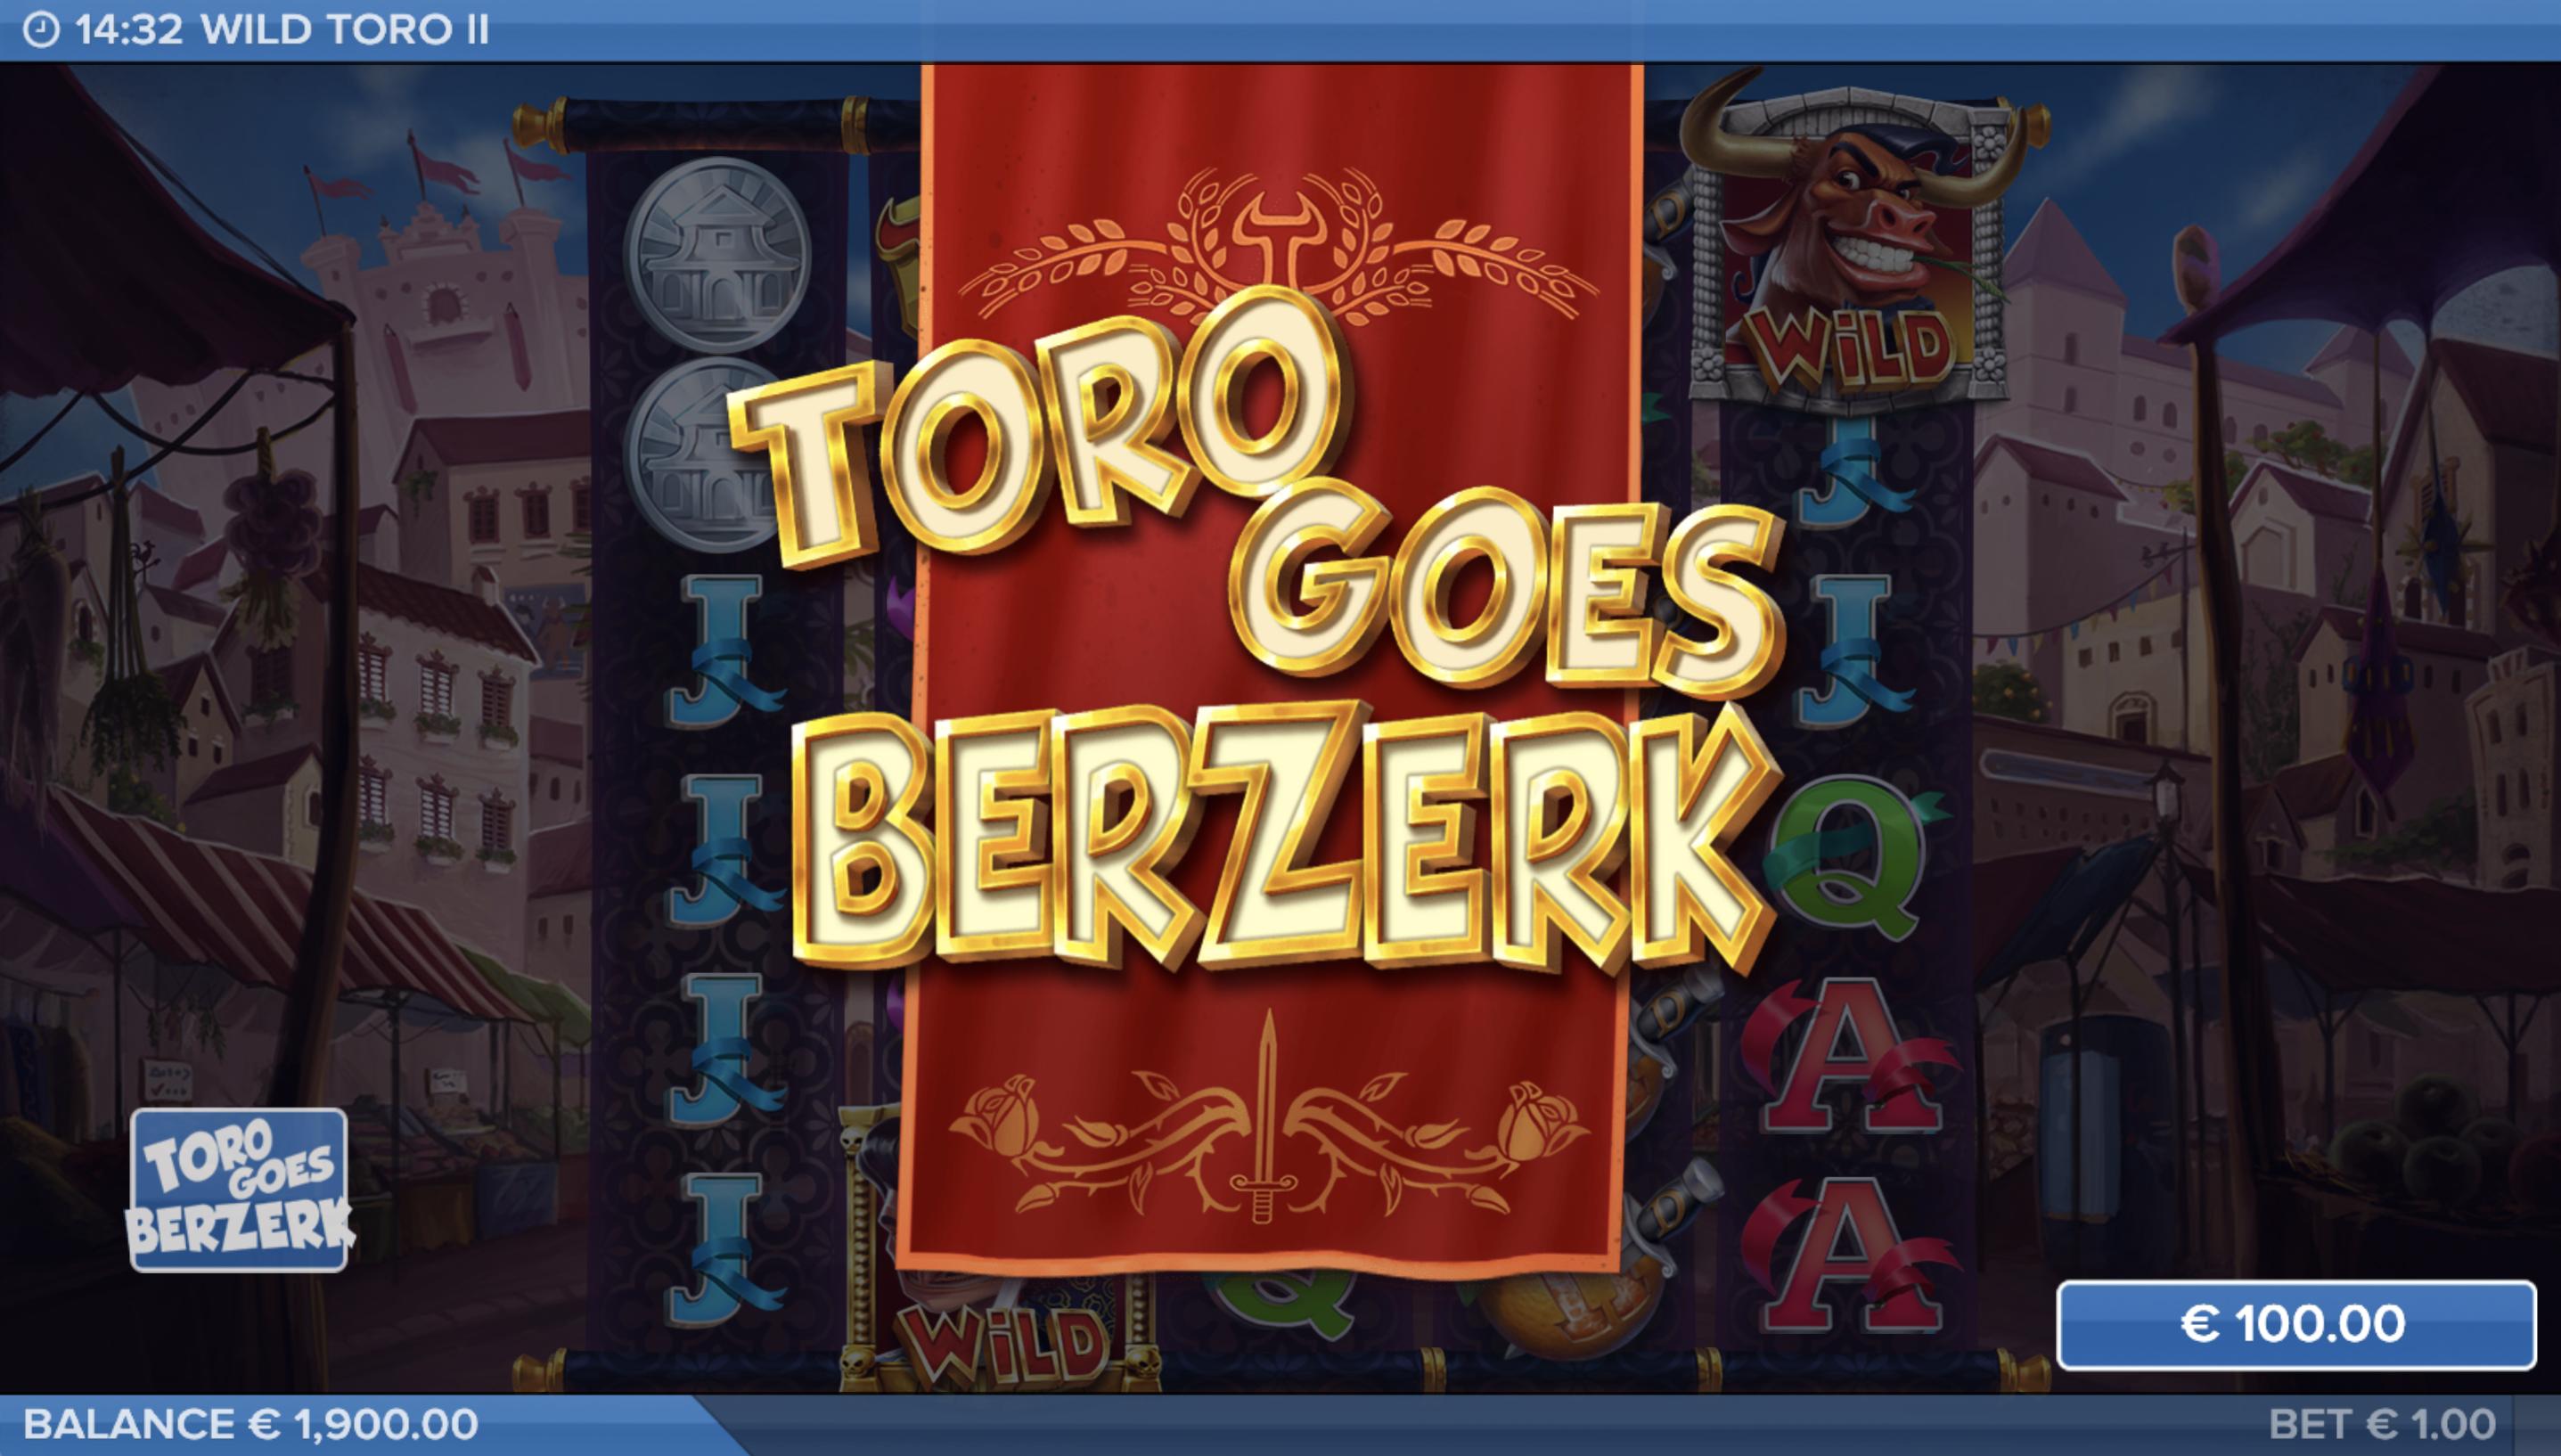 Toro Goes Berzerk Wild Toro 2 slot screenshot